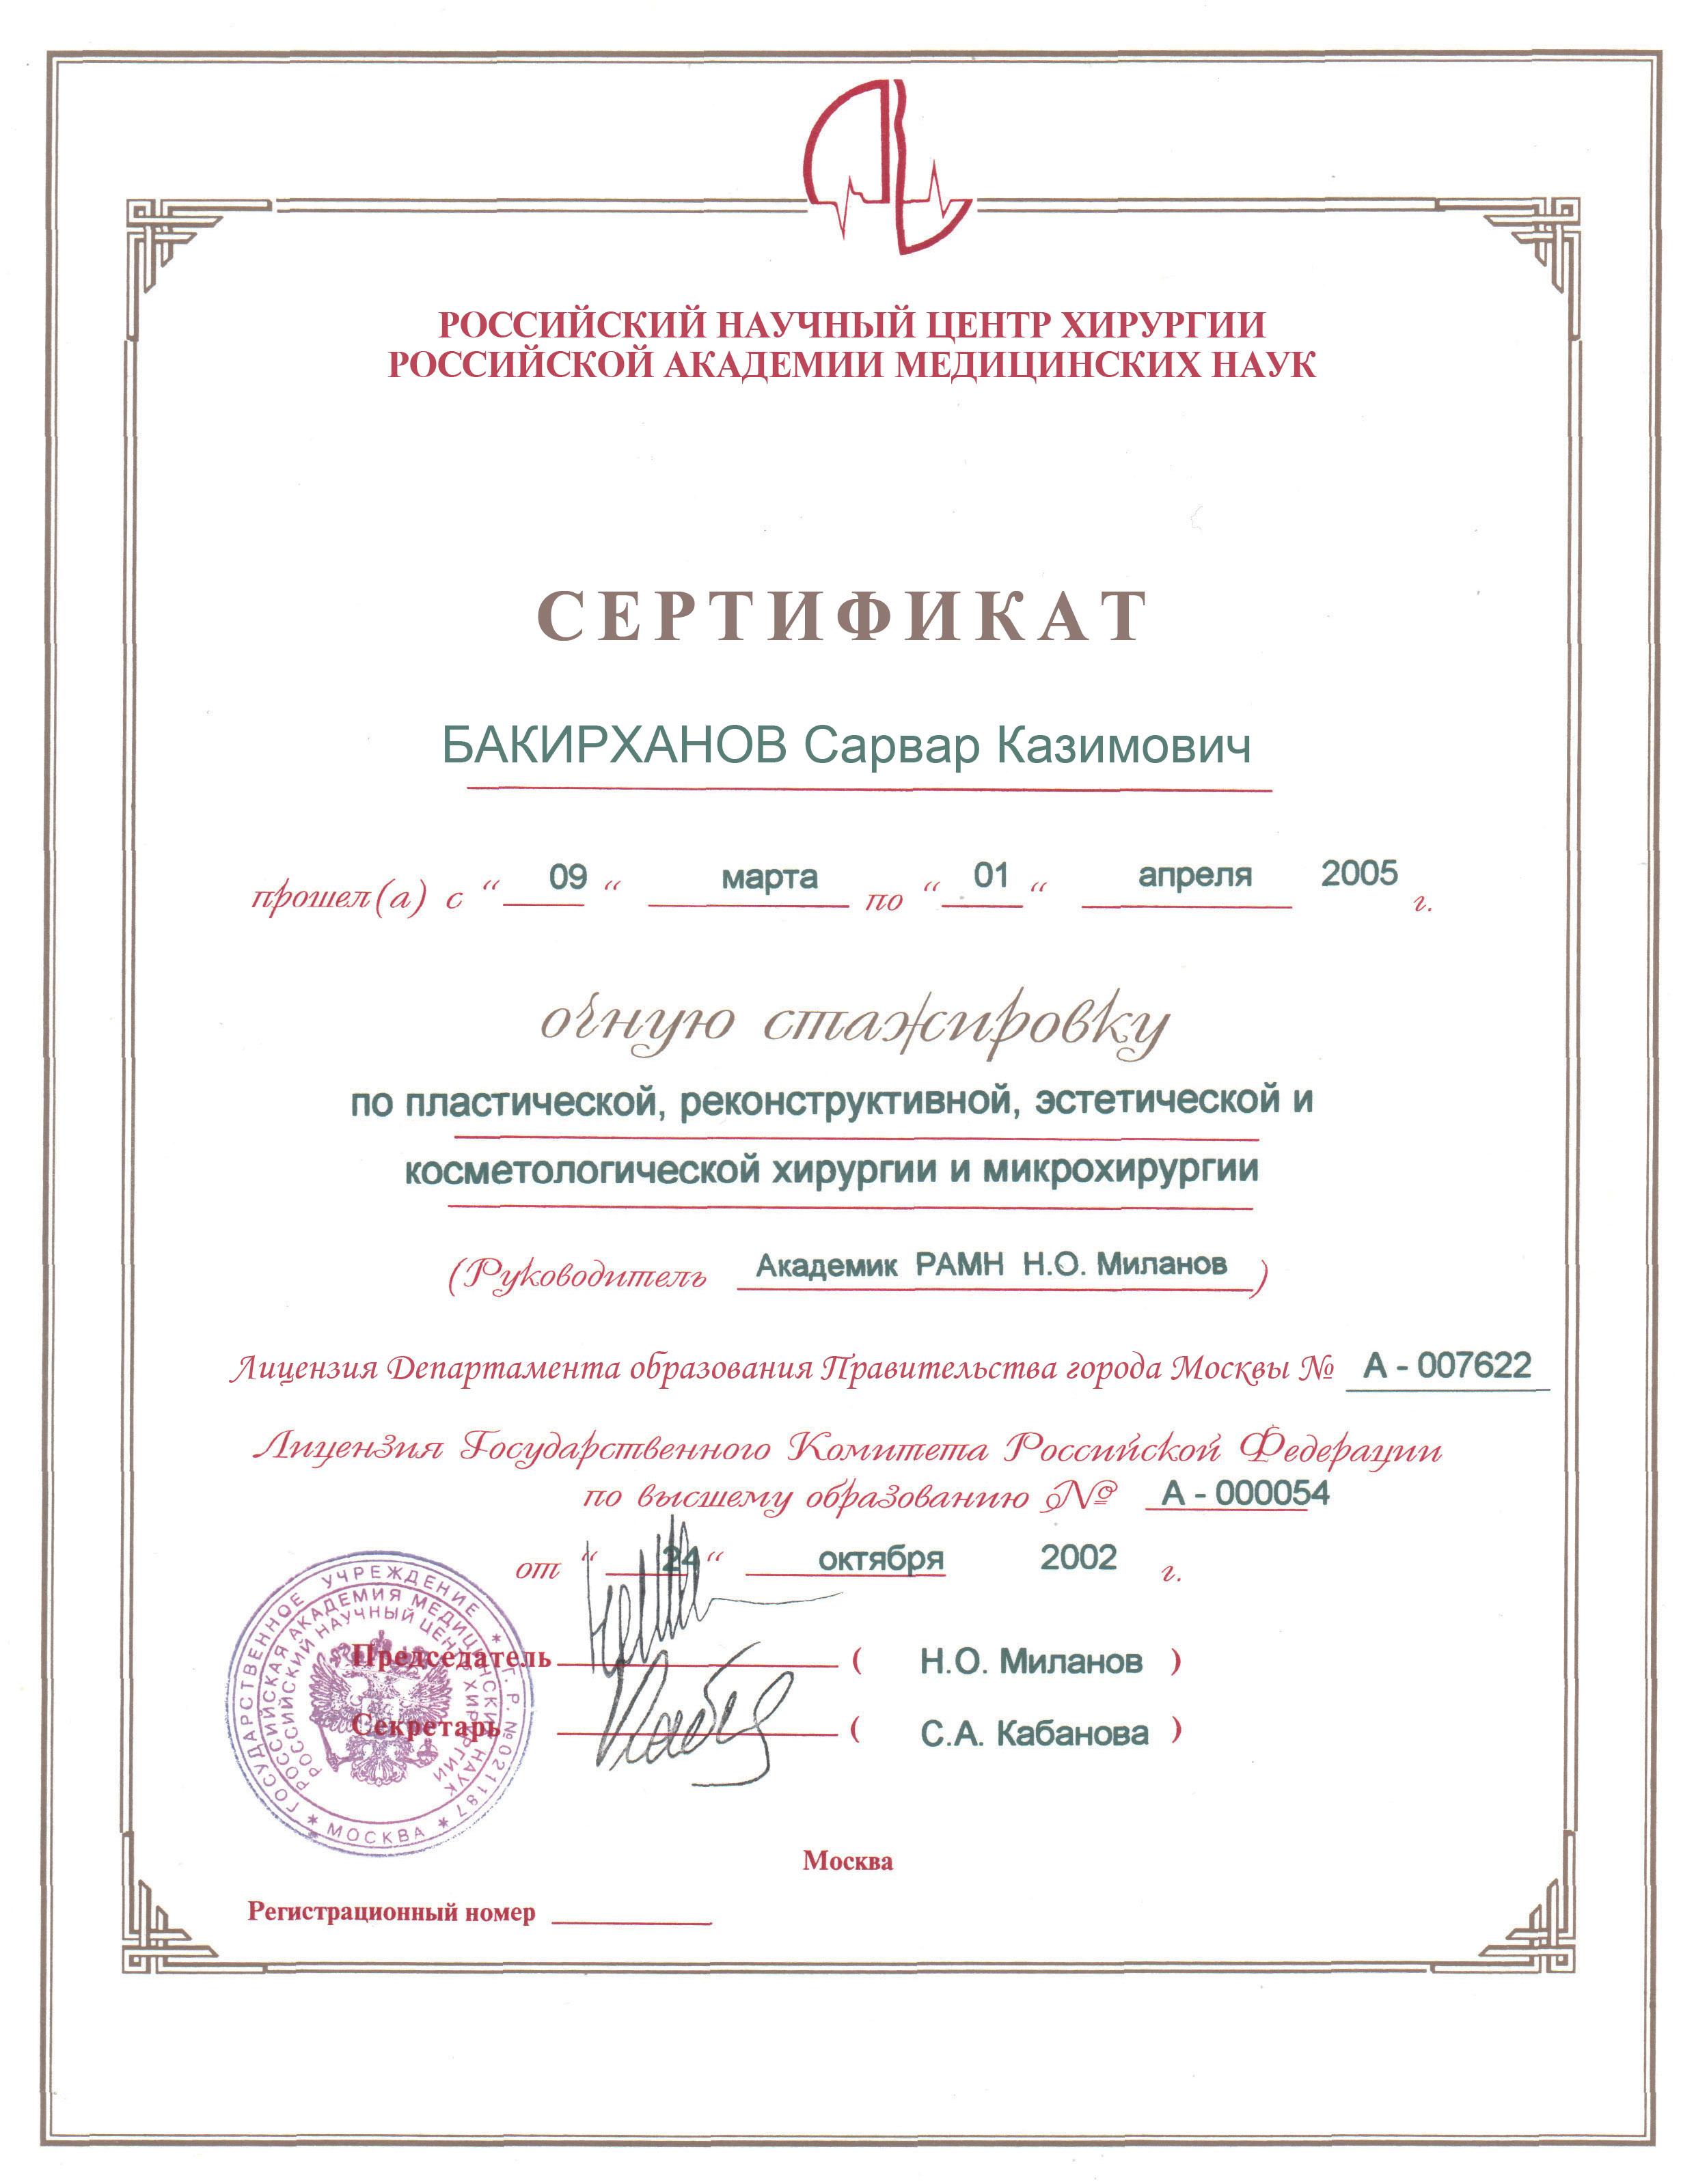 Сертификат очной стажировки по пластической, реконструктивной, эстетической и косметологической хирургии и микрохирургии